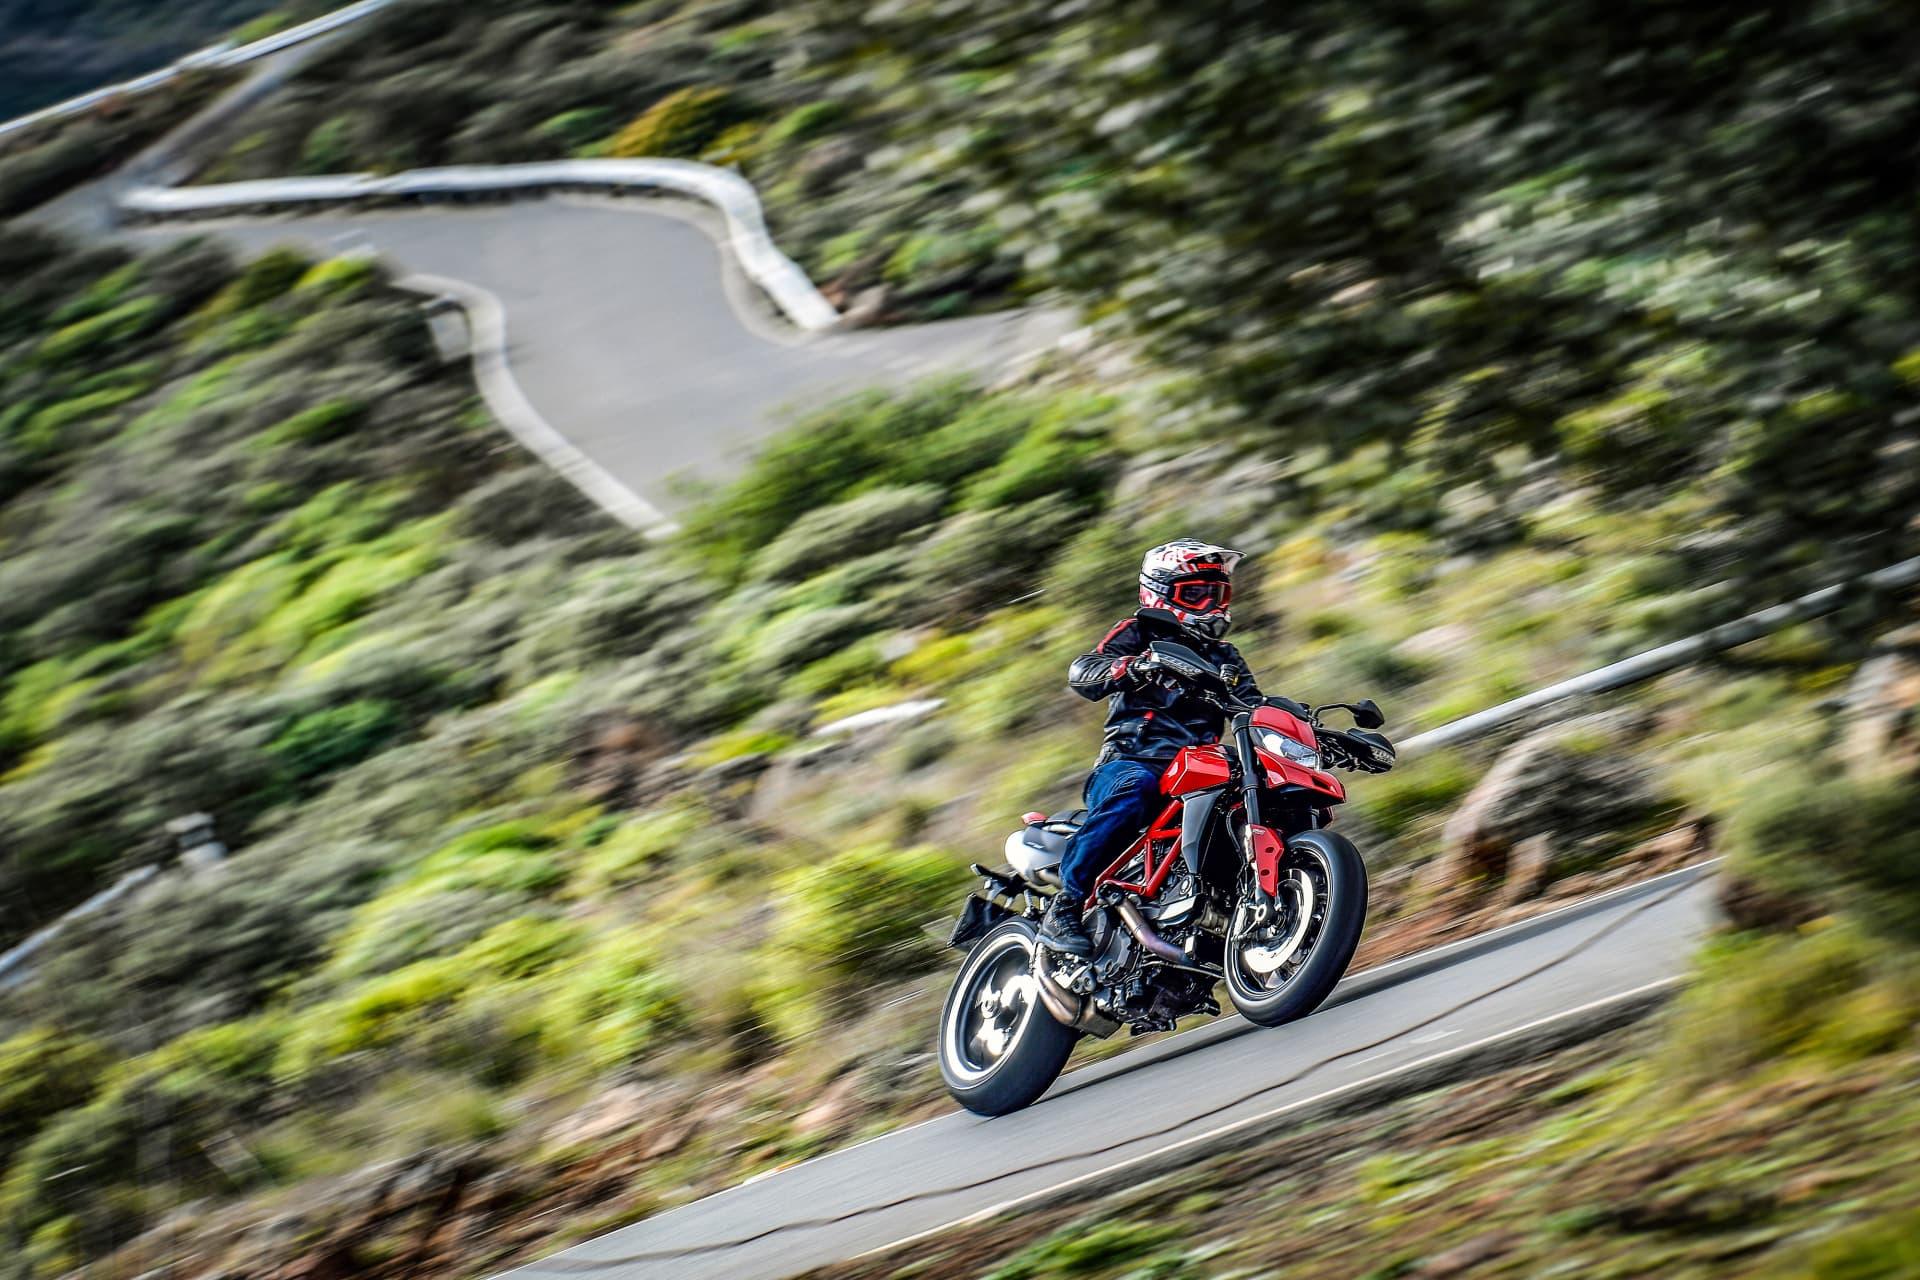 Ducati Hypermotard 950 Action 09 Uc70353 Mid